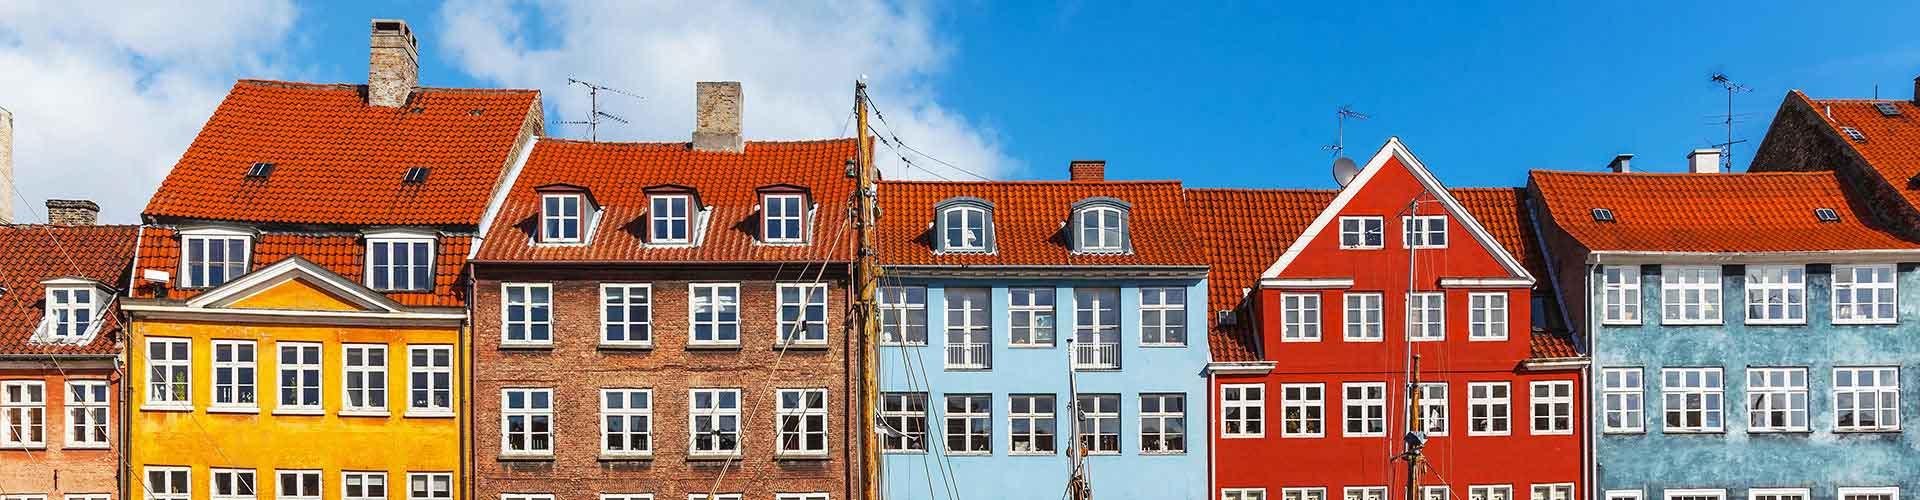 哥本哈根 – Nørreport区的公寓。哥本哈根地图,哥本哈根每间公寓的照片和评价。